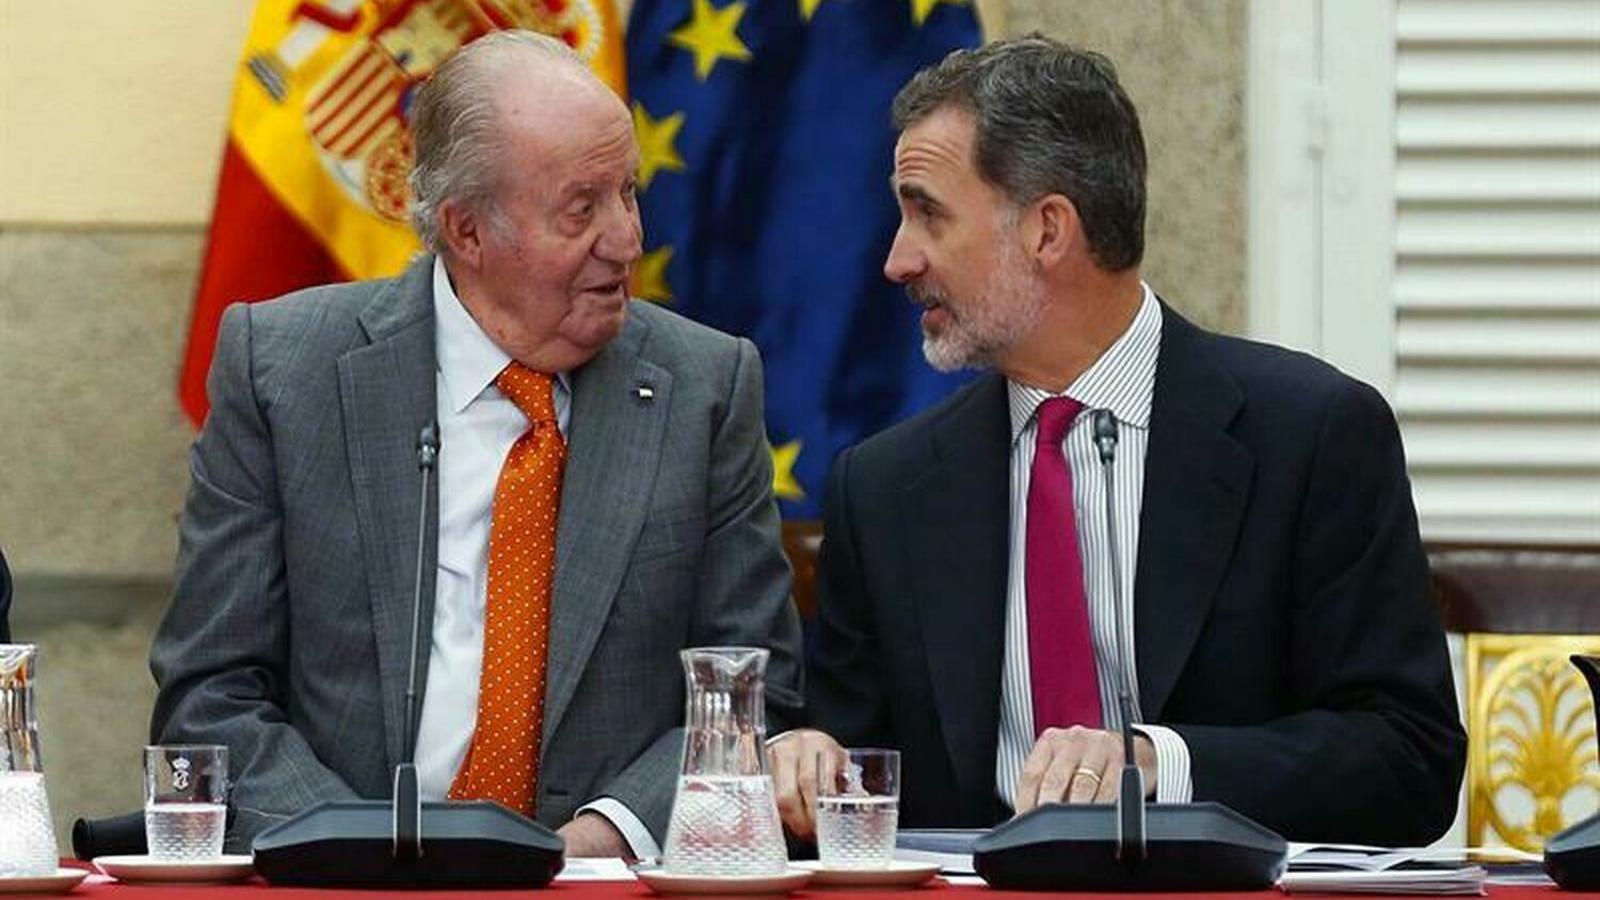 El PSOE, el PP i Vox tornen a vetar una comissió d'investigació al Congrés sobre la casa reial